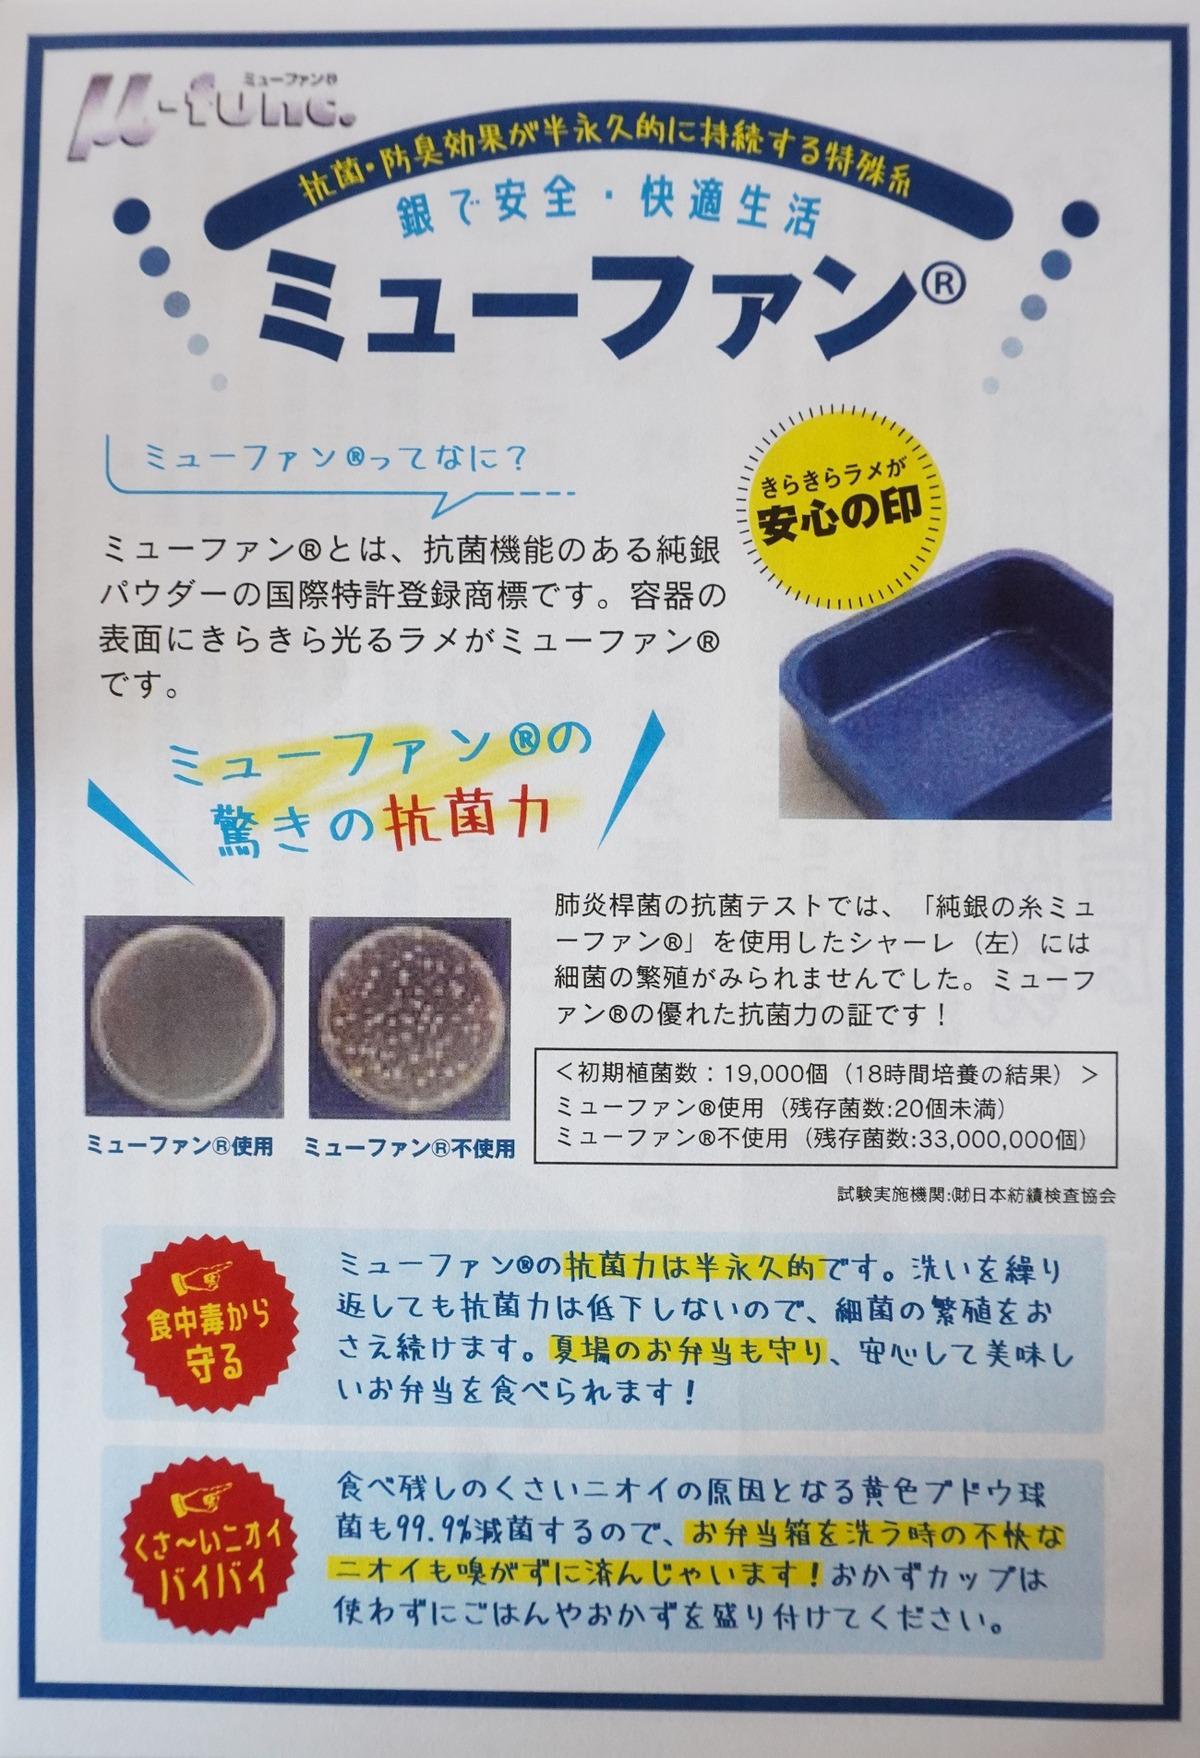 ハンプティ抗菌弁当箱4